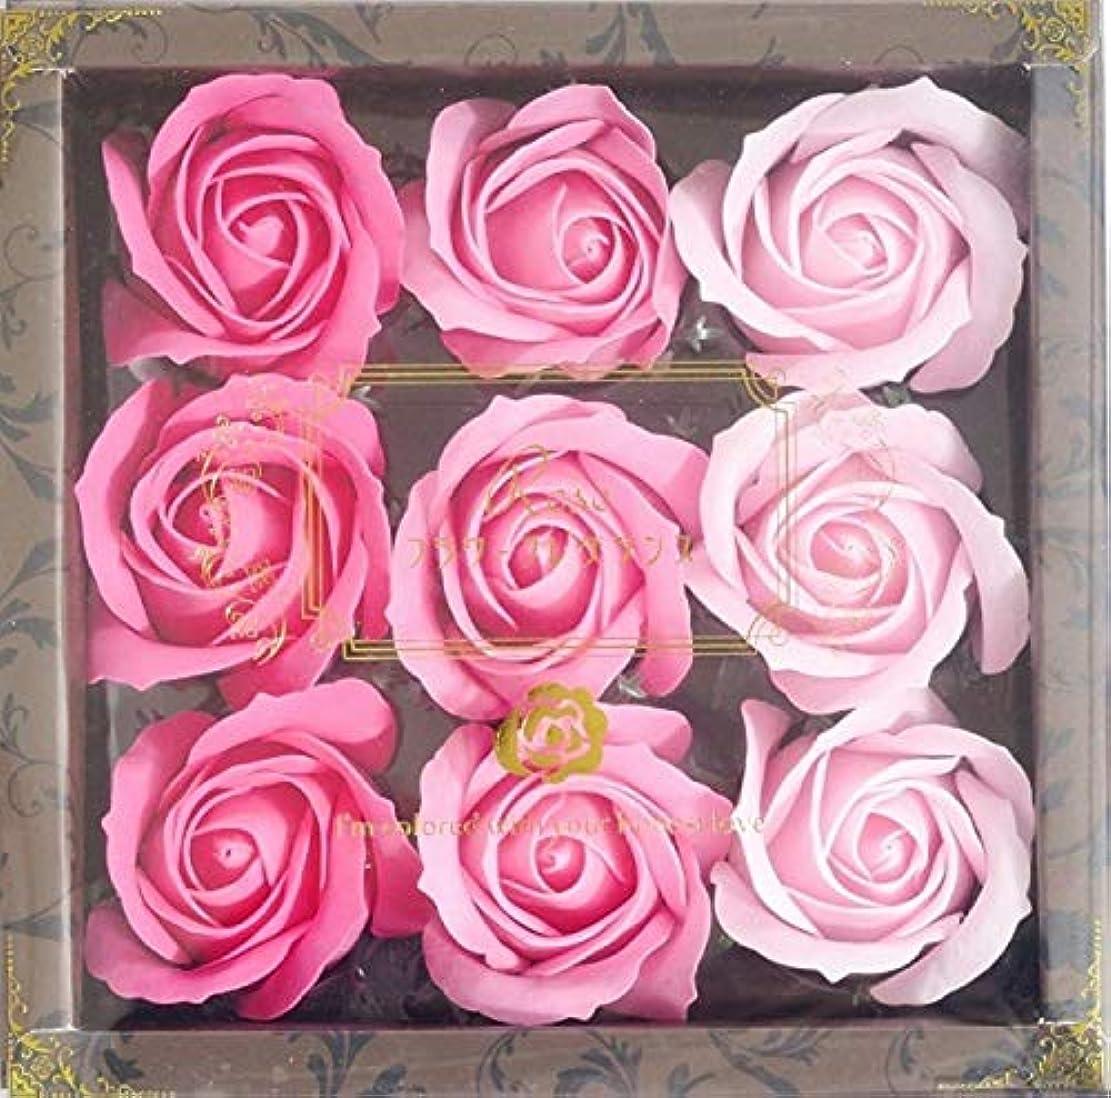 投資意気消沈した怠けたバスフレグランス バスフラワー ローズフレグランス ピンクカラー お花の形の入浴剤 プレゼント ばら ギフト